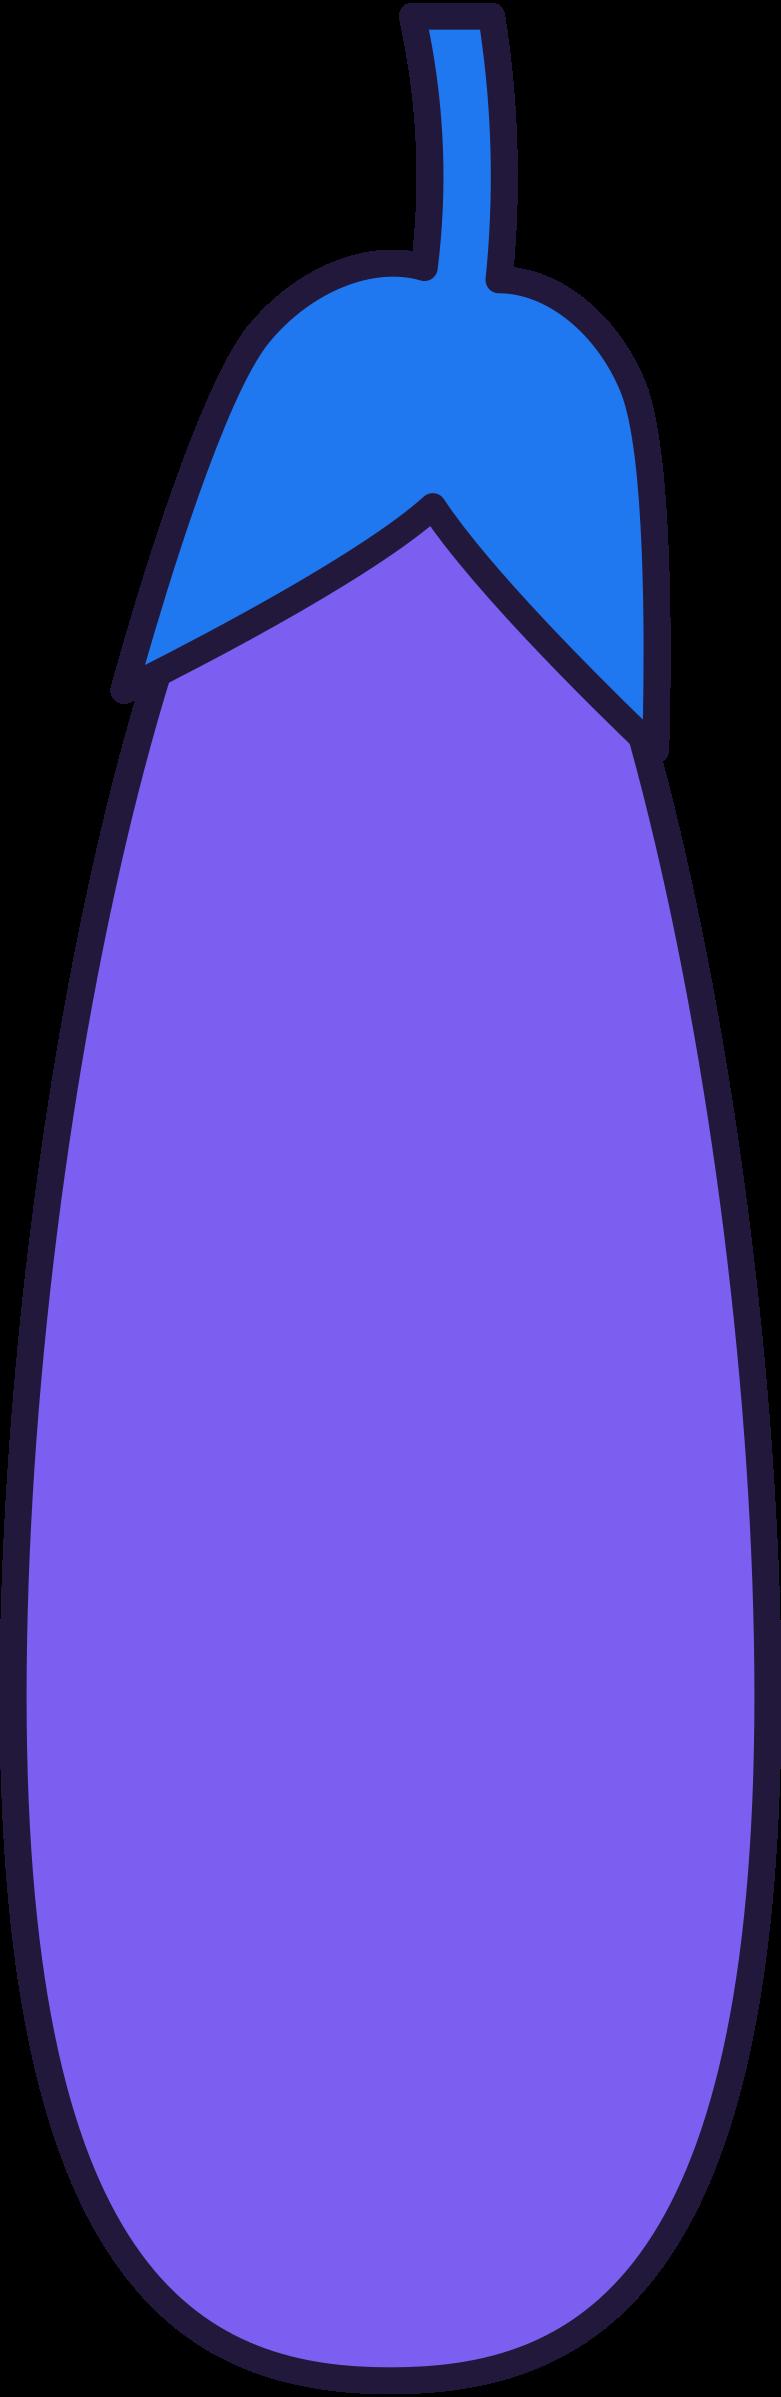 l eggplant Clipart illustration in PNG, SVG